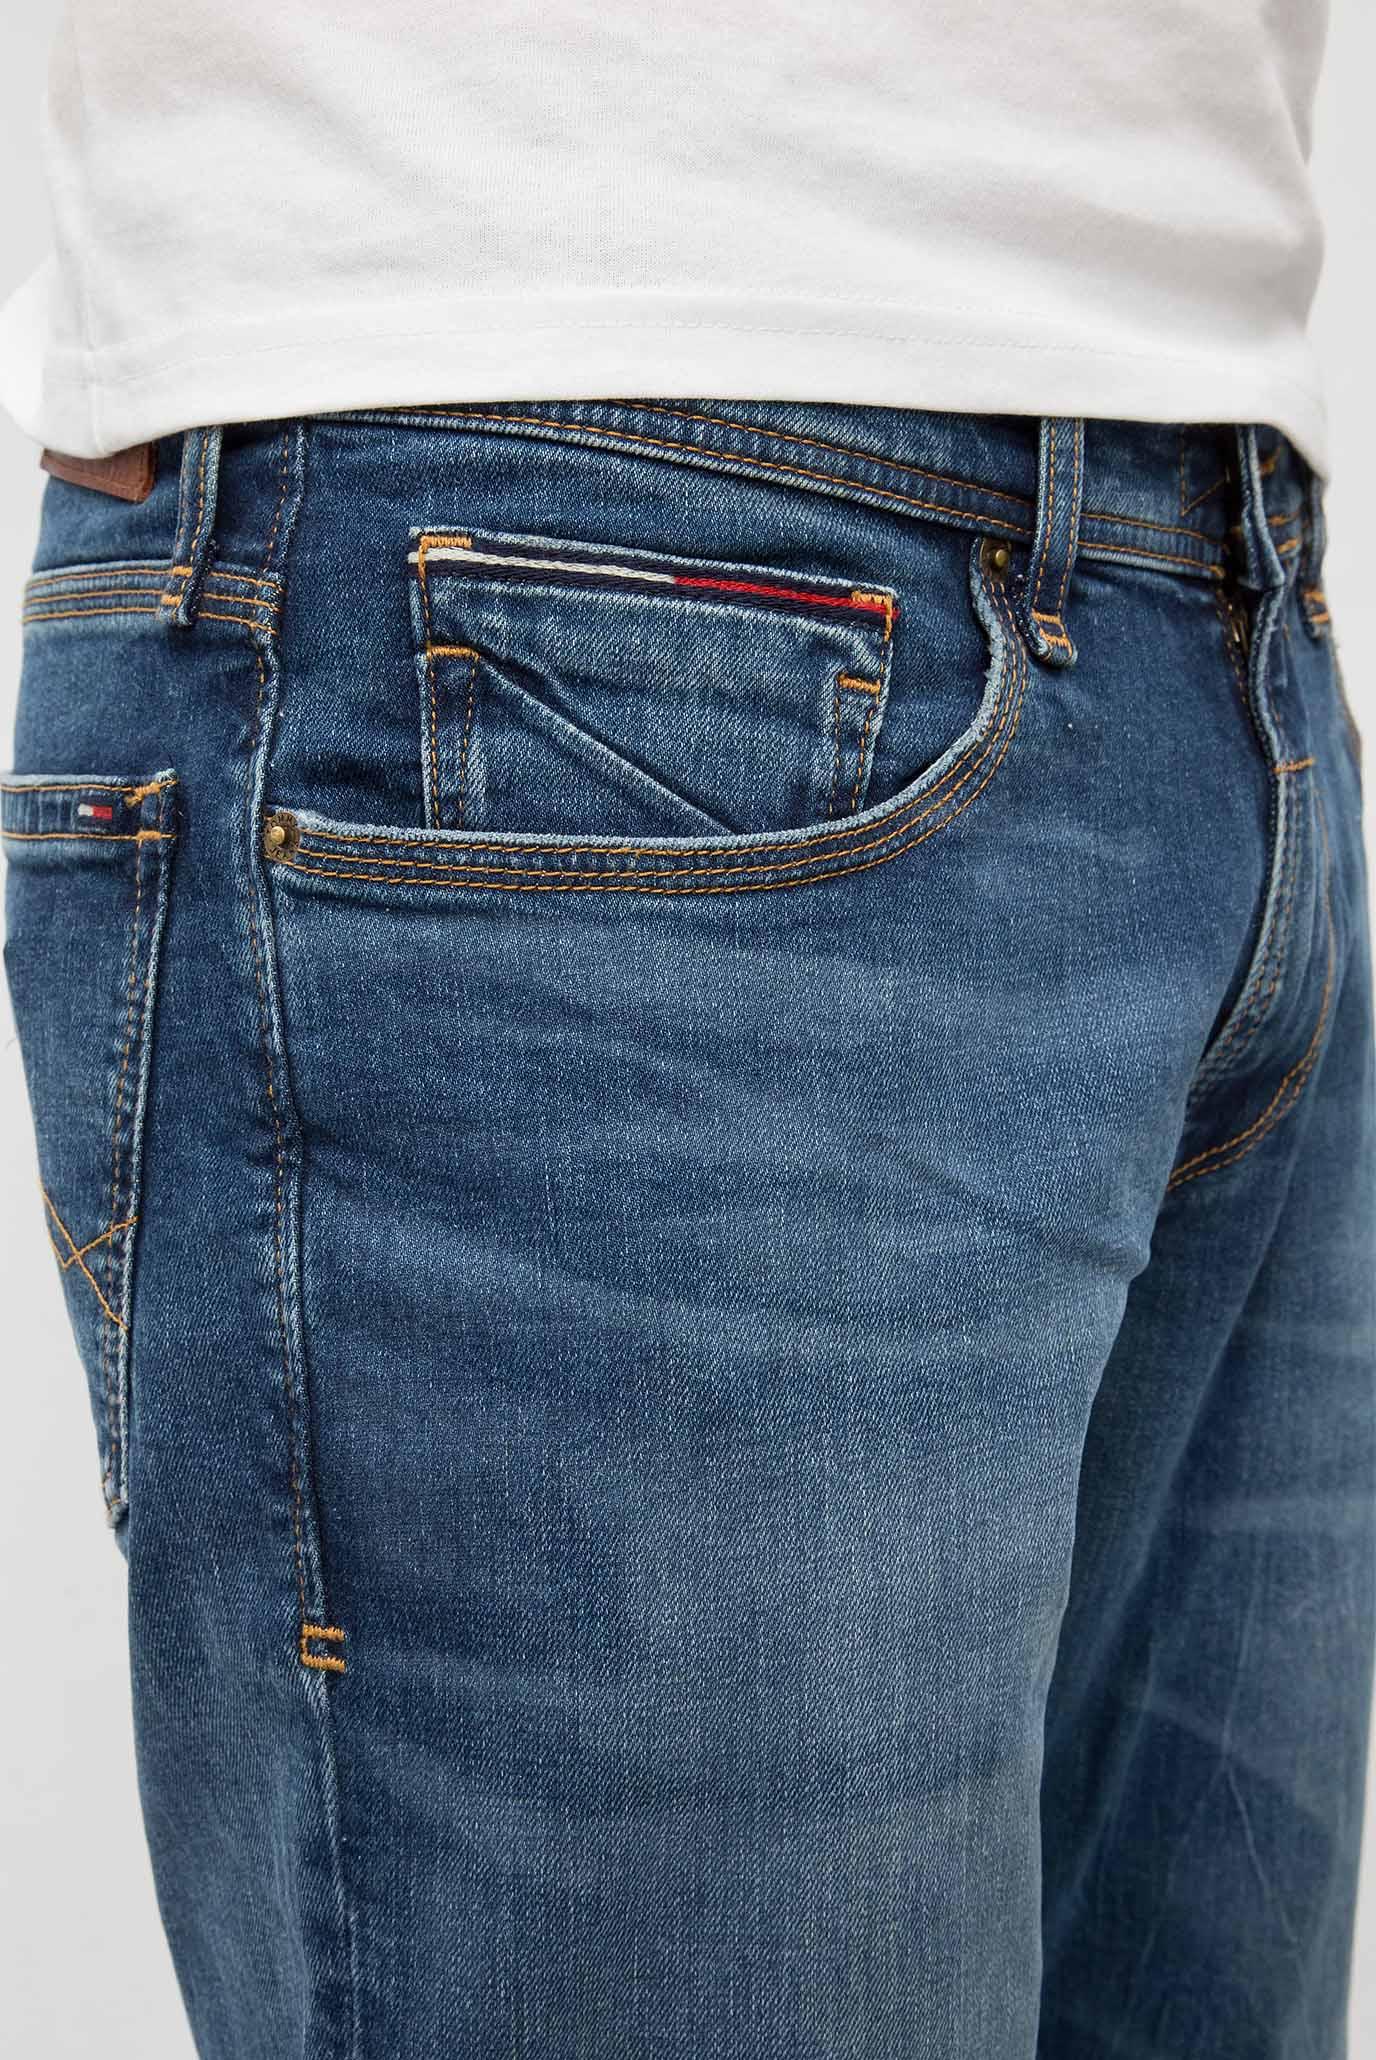 Купить Мужские синие джинсы STRAIGHT RYAN RMBCO Tommy Hilfiger Tommy Hilfiger DM0DM03613 – Киев, Украина. Цены в интернет магазине MD Fashion